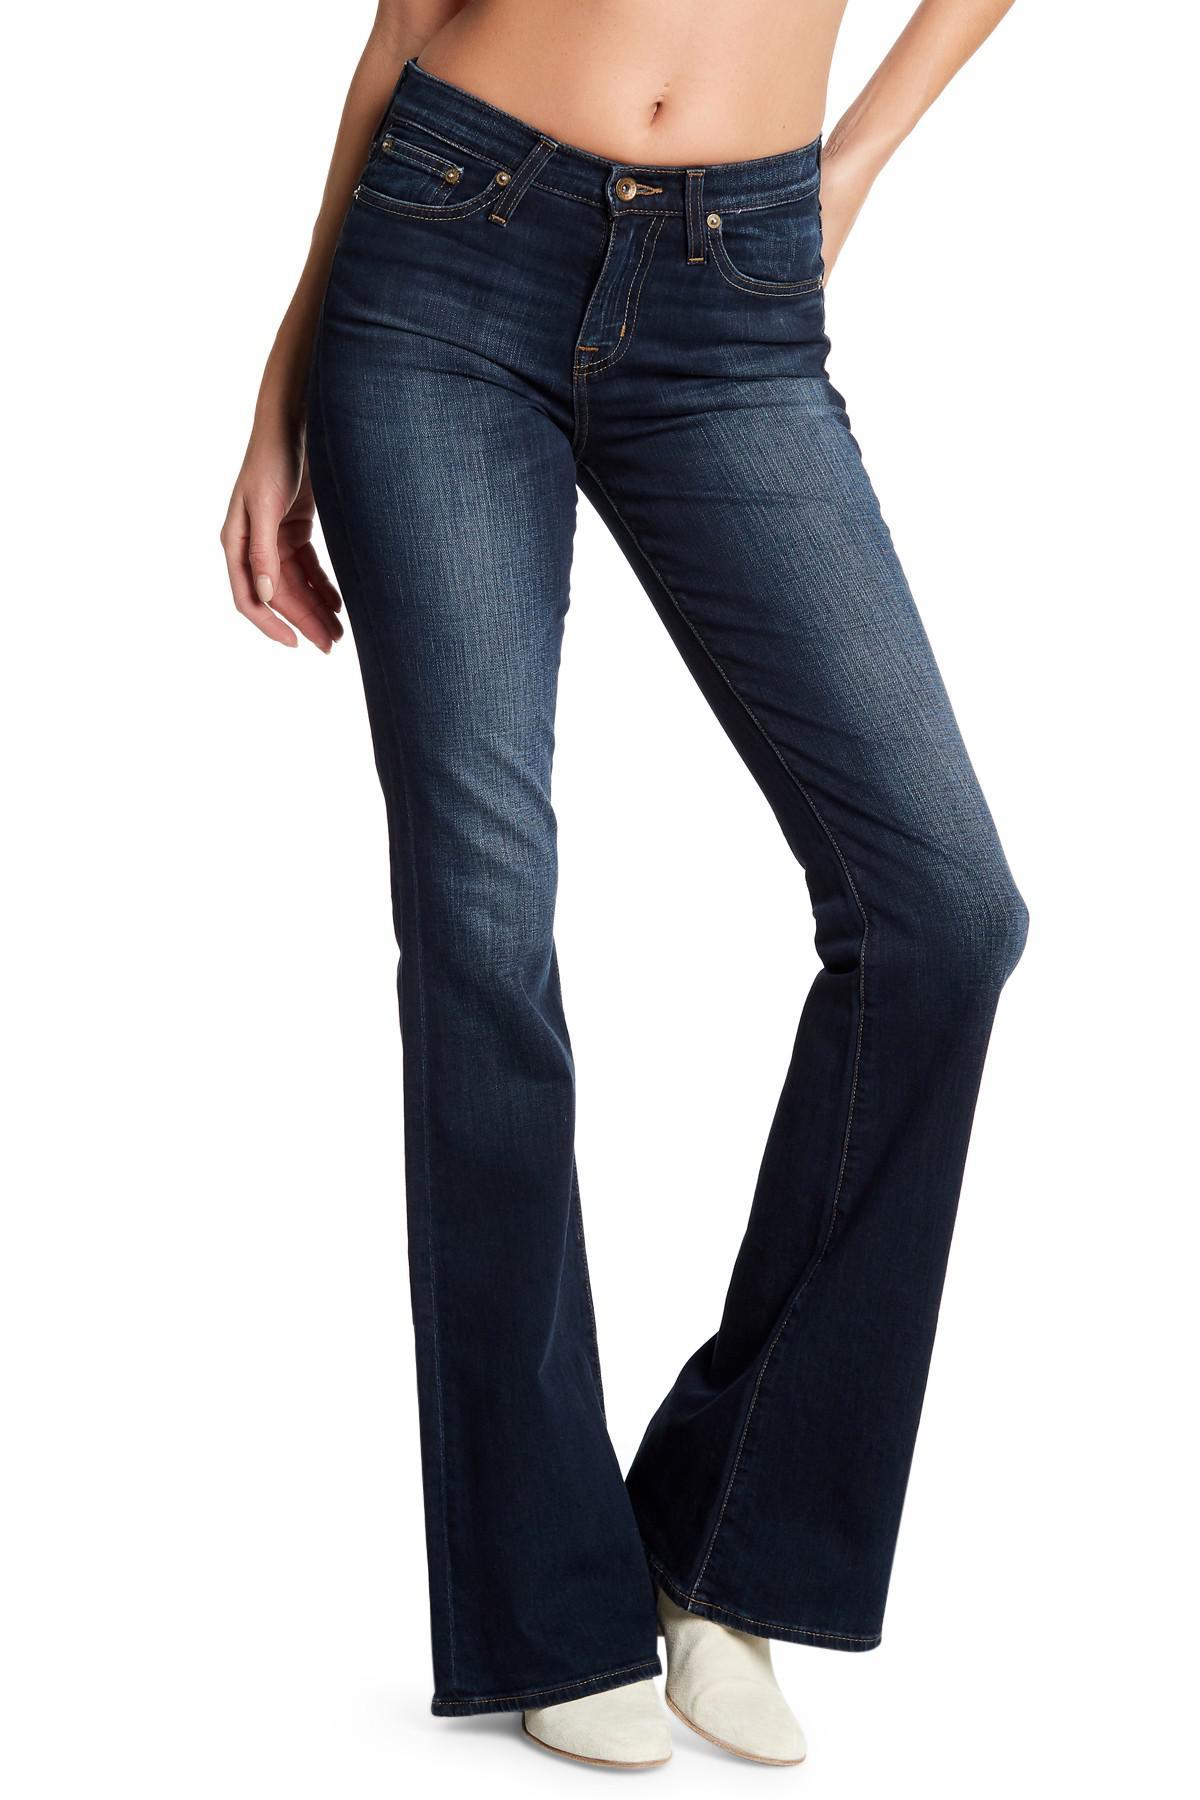 Loft High Waist Jeans